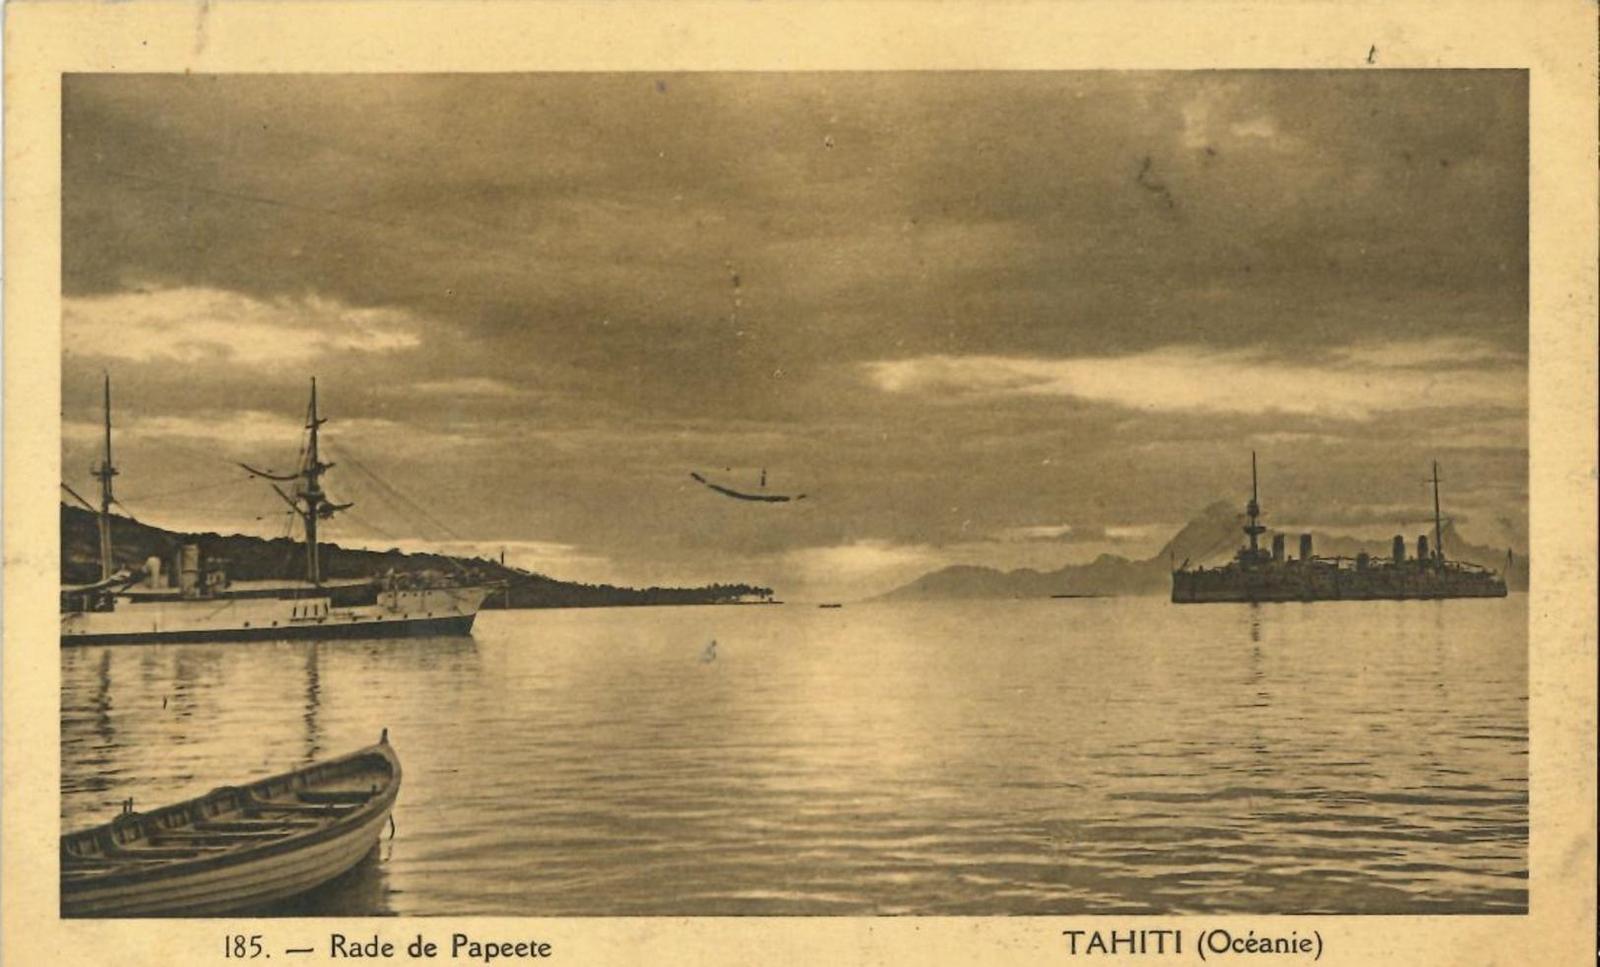 Papeete -  Polynésie Française - Océanie - Tahiti - Rade de Papeete (Edition Gauthier) Rare